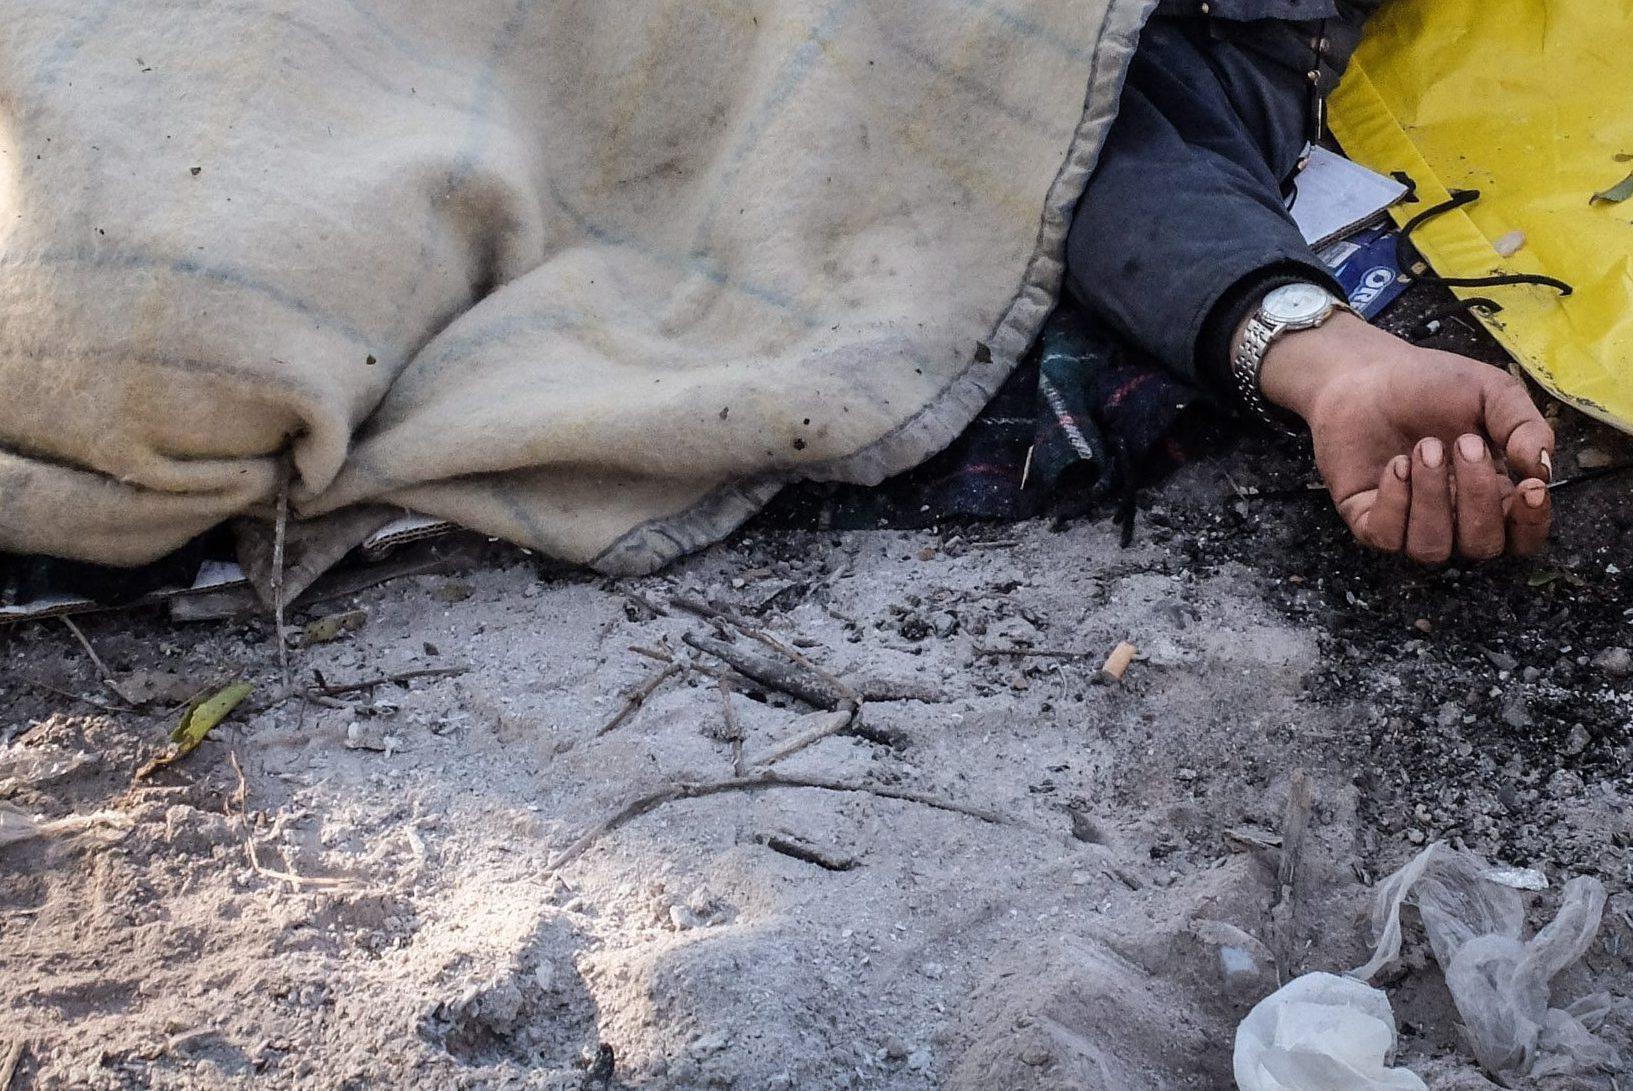 Milano, trovato un uomo morto nel boschetto della droga di Rogoredo: forse ucciso da un'overdose